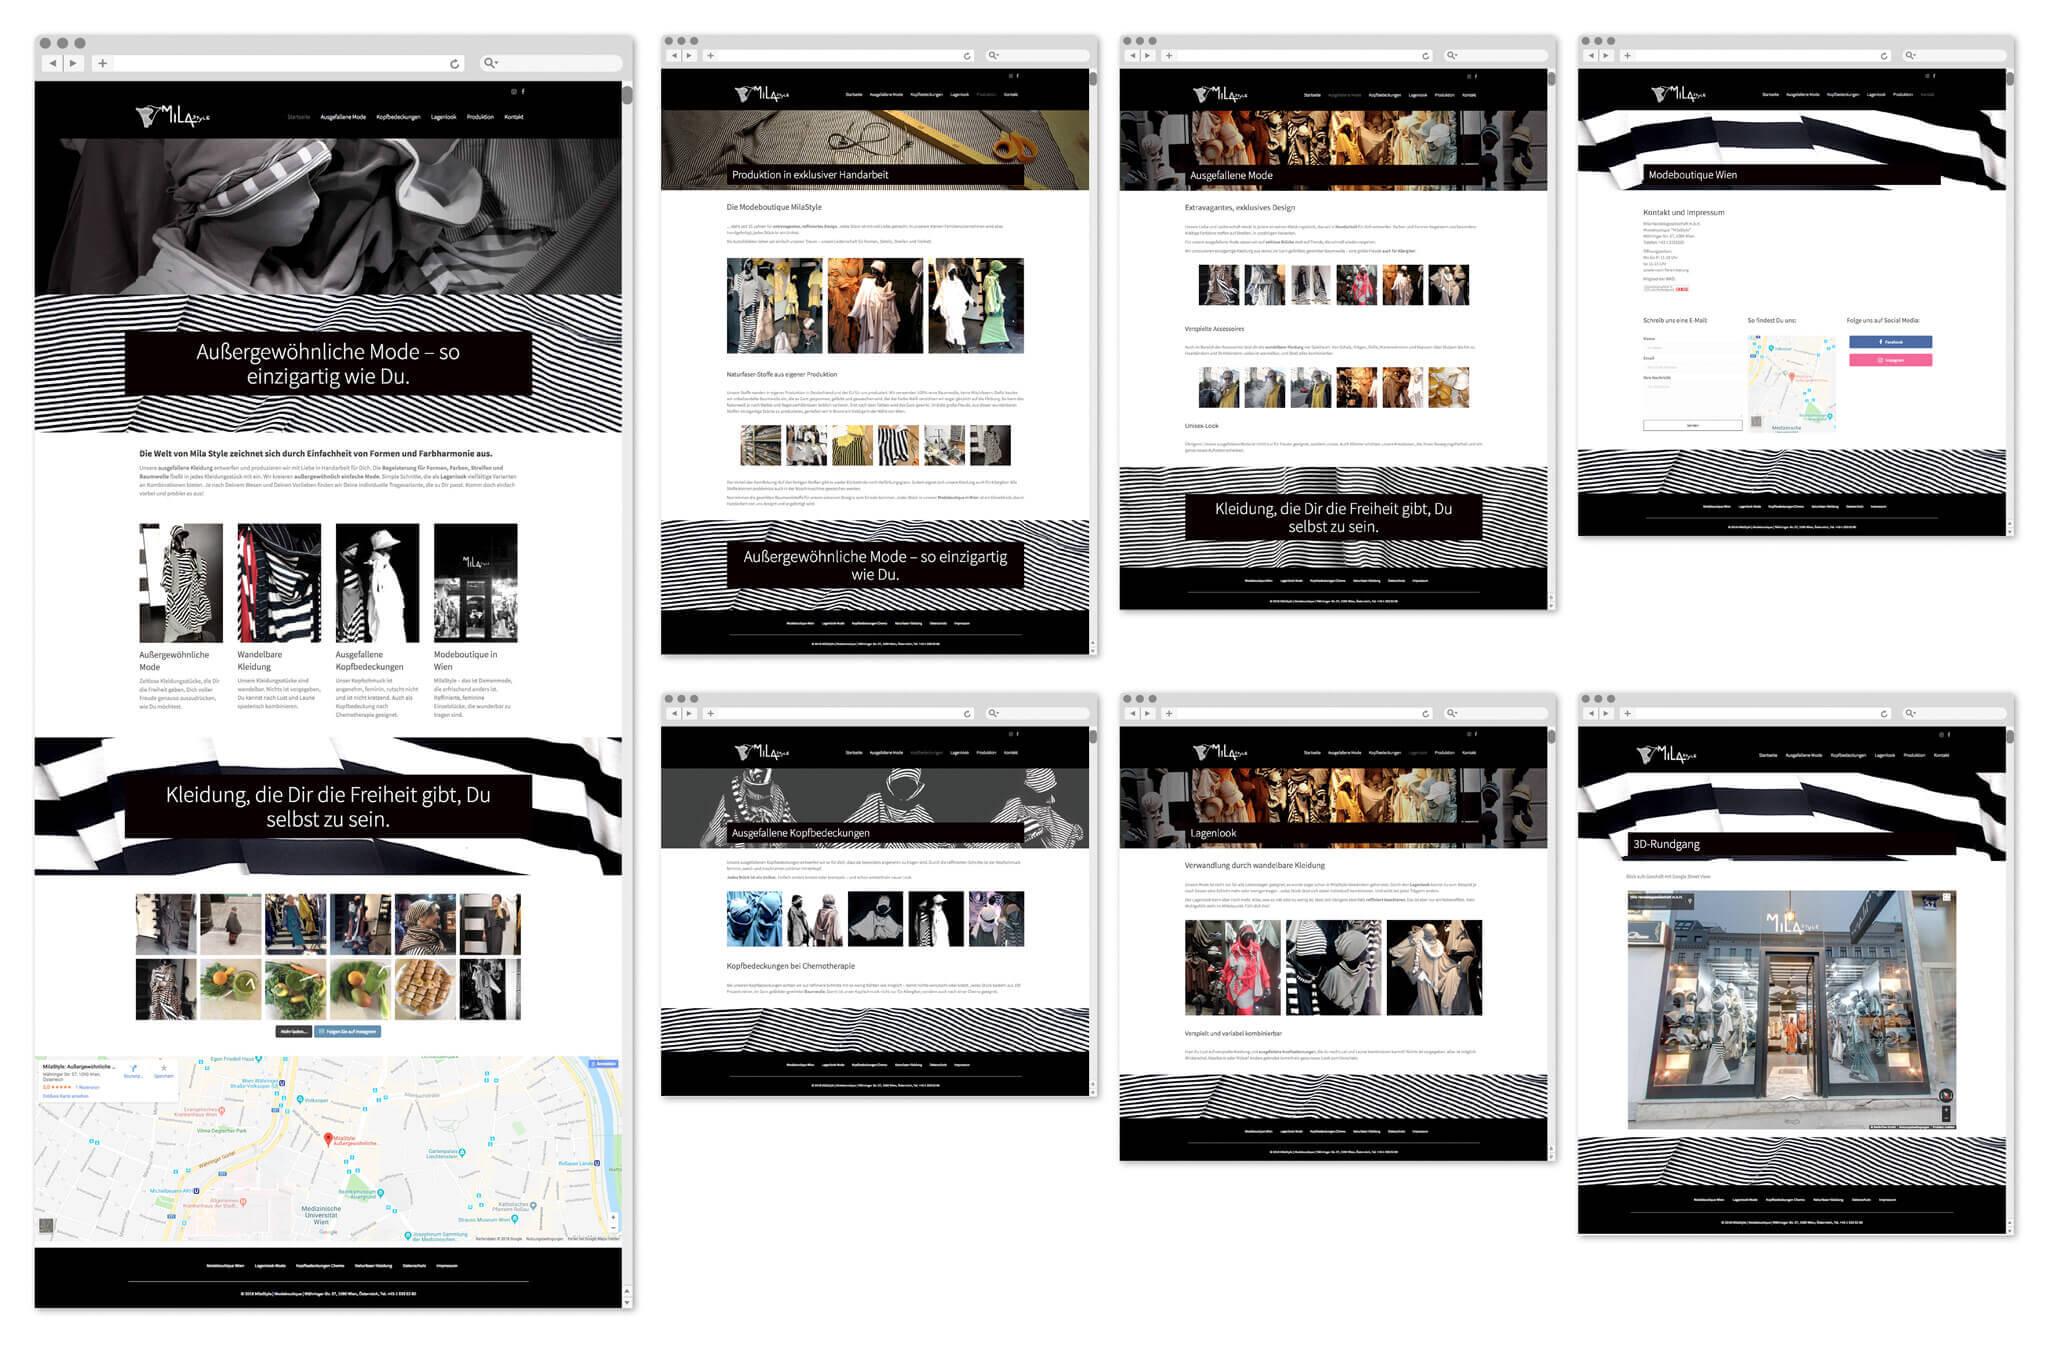 MilaStyle | Webseite | Fotografie, Entwurf und Gestaltung | 2017